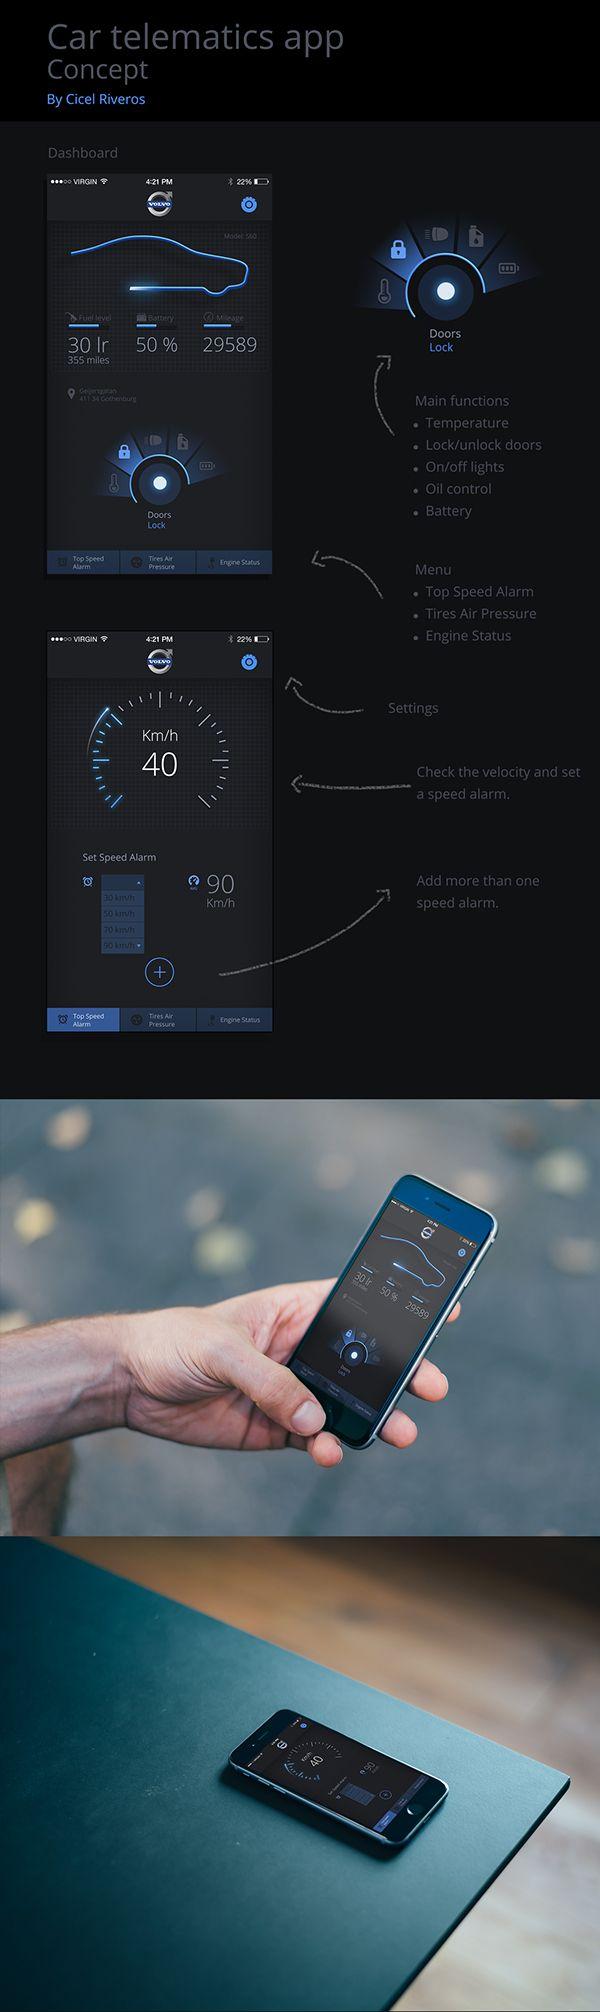 UI car app. on Behance 심플하지만 자동차의 라이트를 닮은 푸른빛이 조화롭게 어울려 정말 자동차 그 자체인것같앗다. 또한 요즘 어플 트렌드와 맞는 디자인이라고 생각했다.